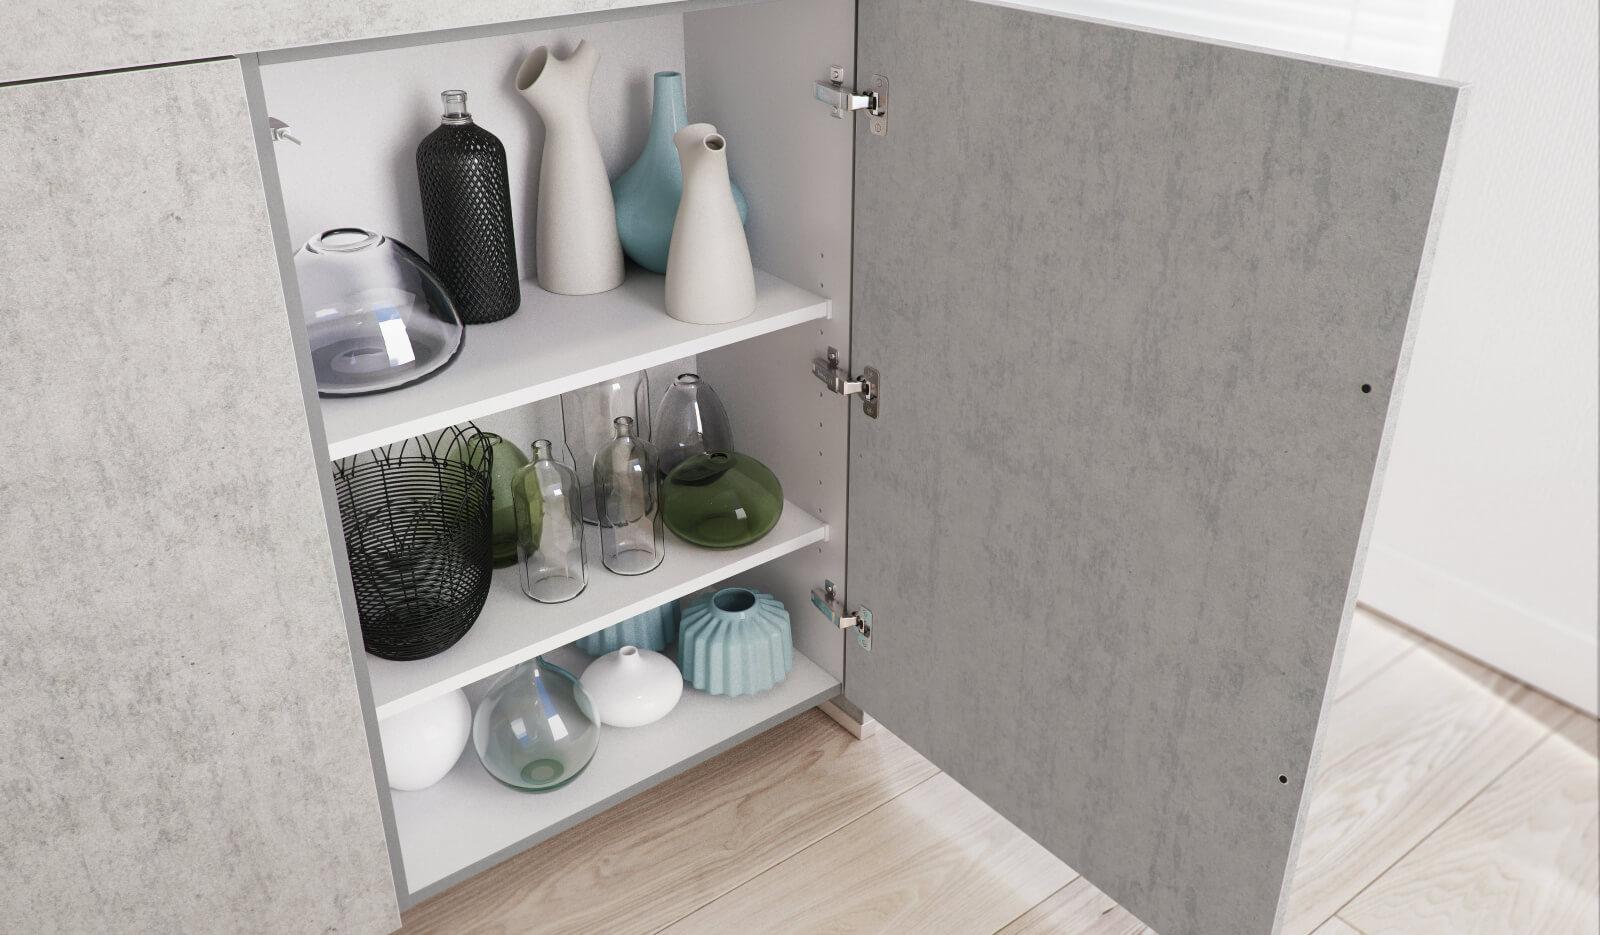 Keuken Atlas betongrijs - tip-on keukenkast